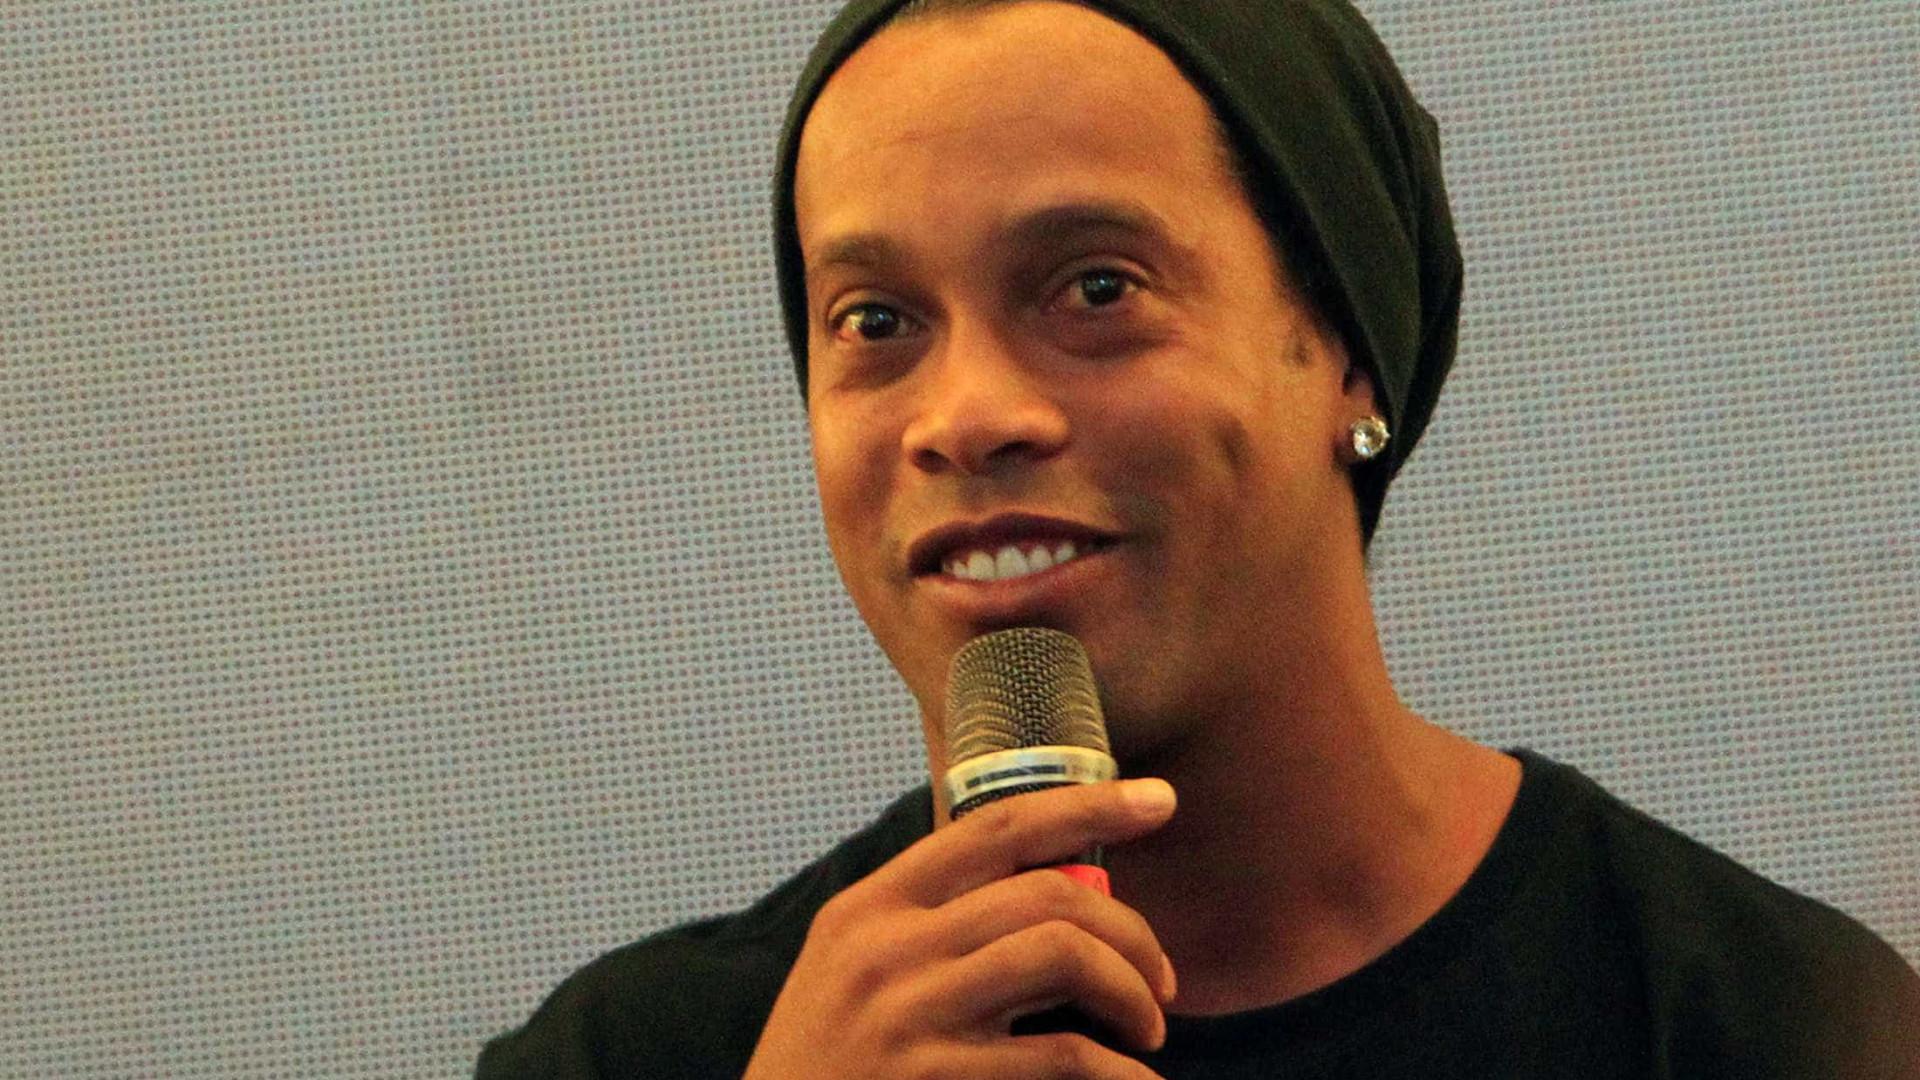 Ronaldinho Gaúcho investe no trap em 'Rolê Aleatório', música inspirada em meme